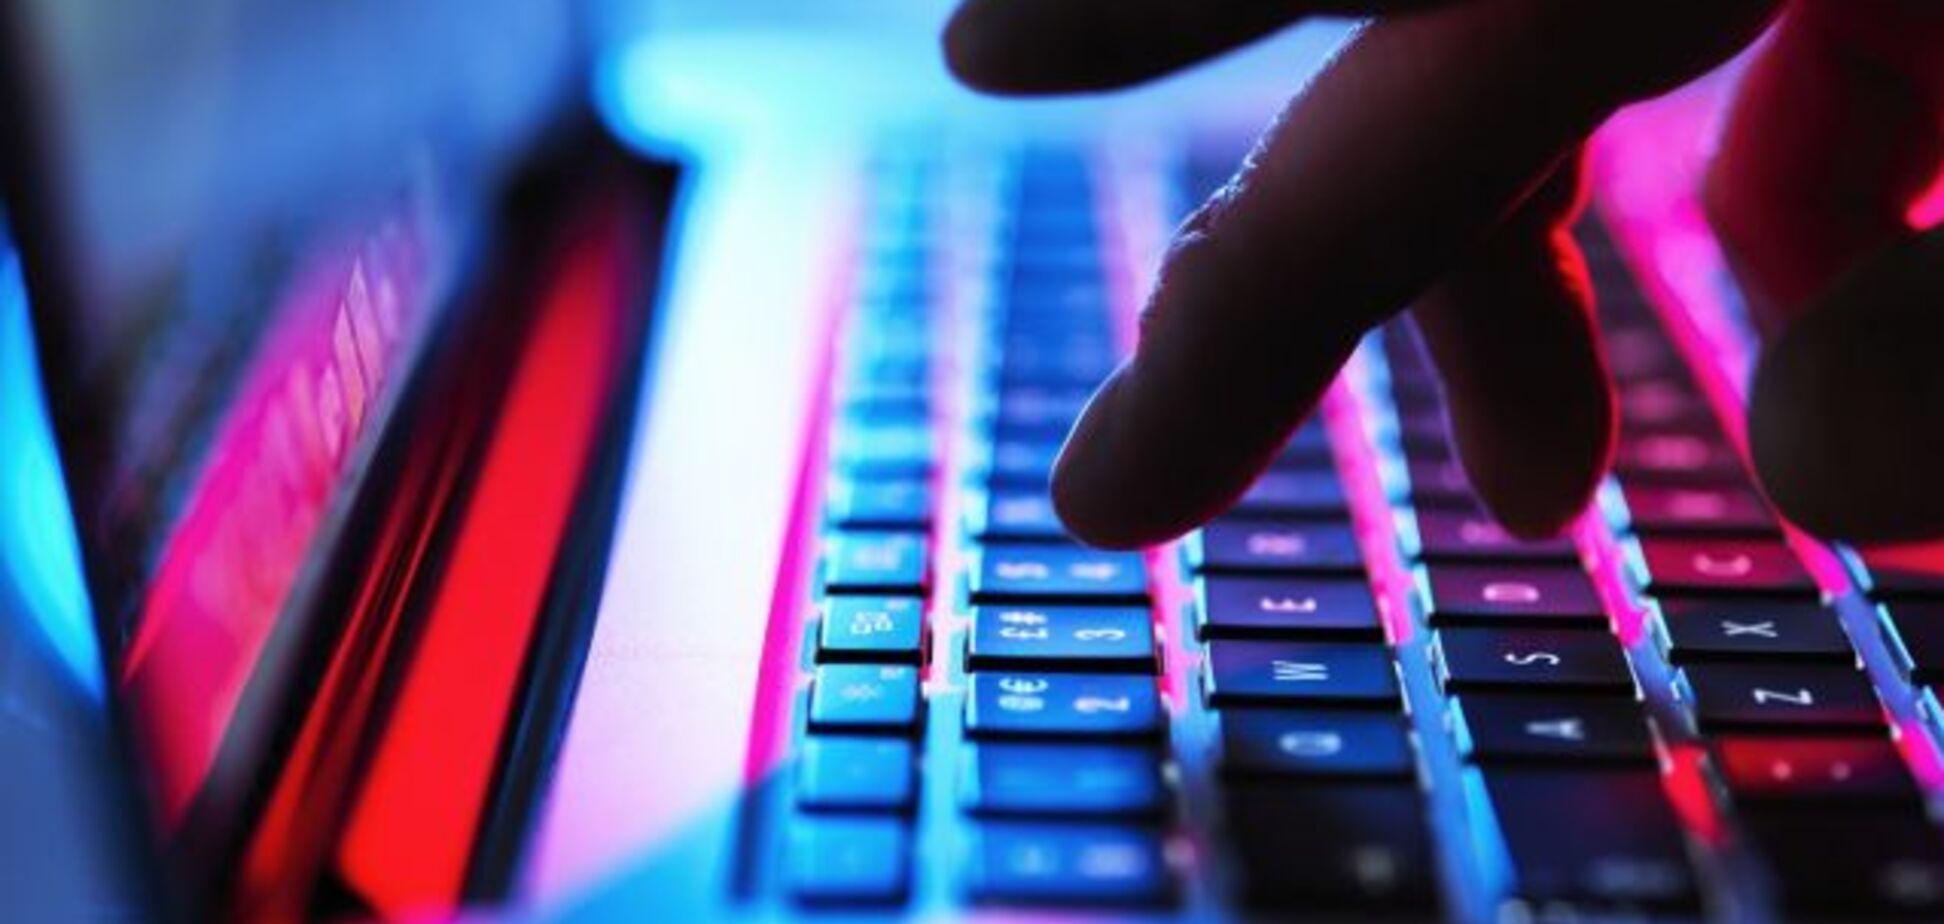 Кіберзлочинність небезпечніше COVID-19. Хто в зоні ризику?